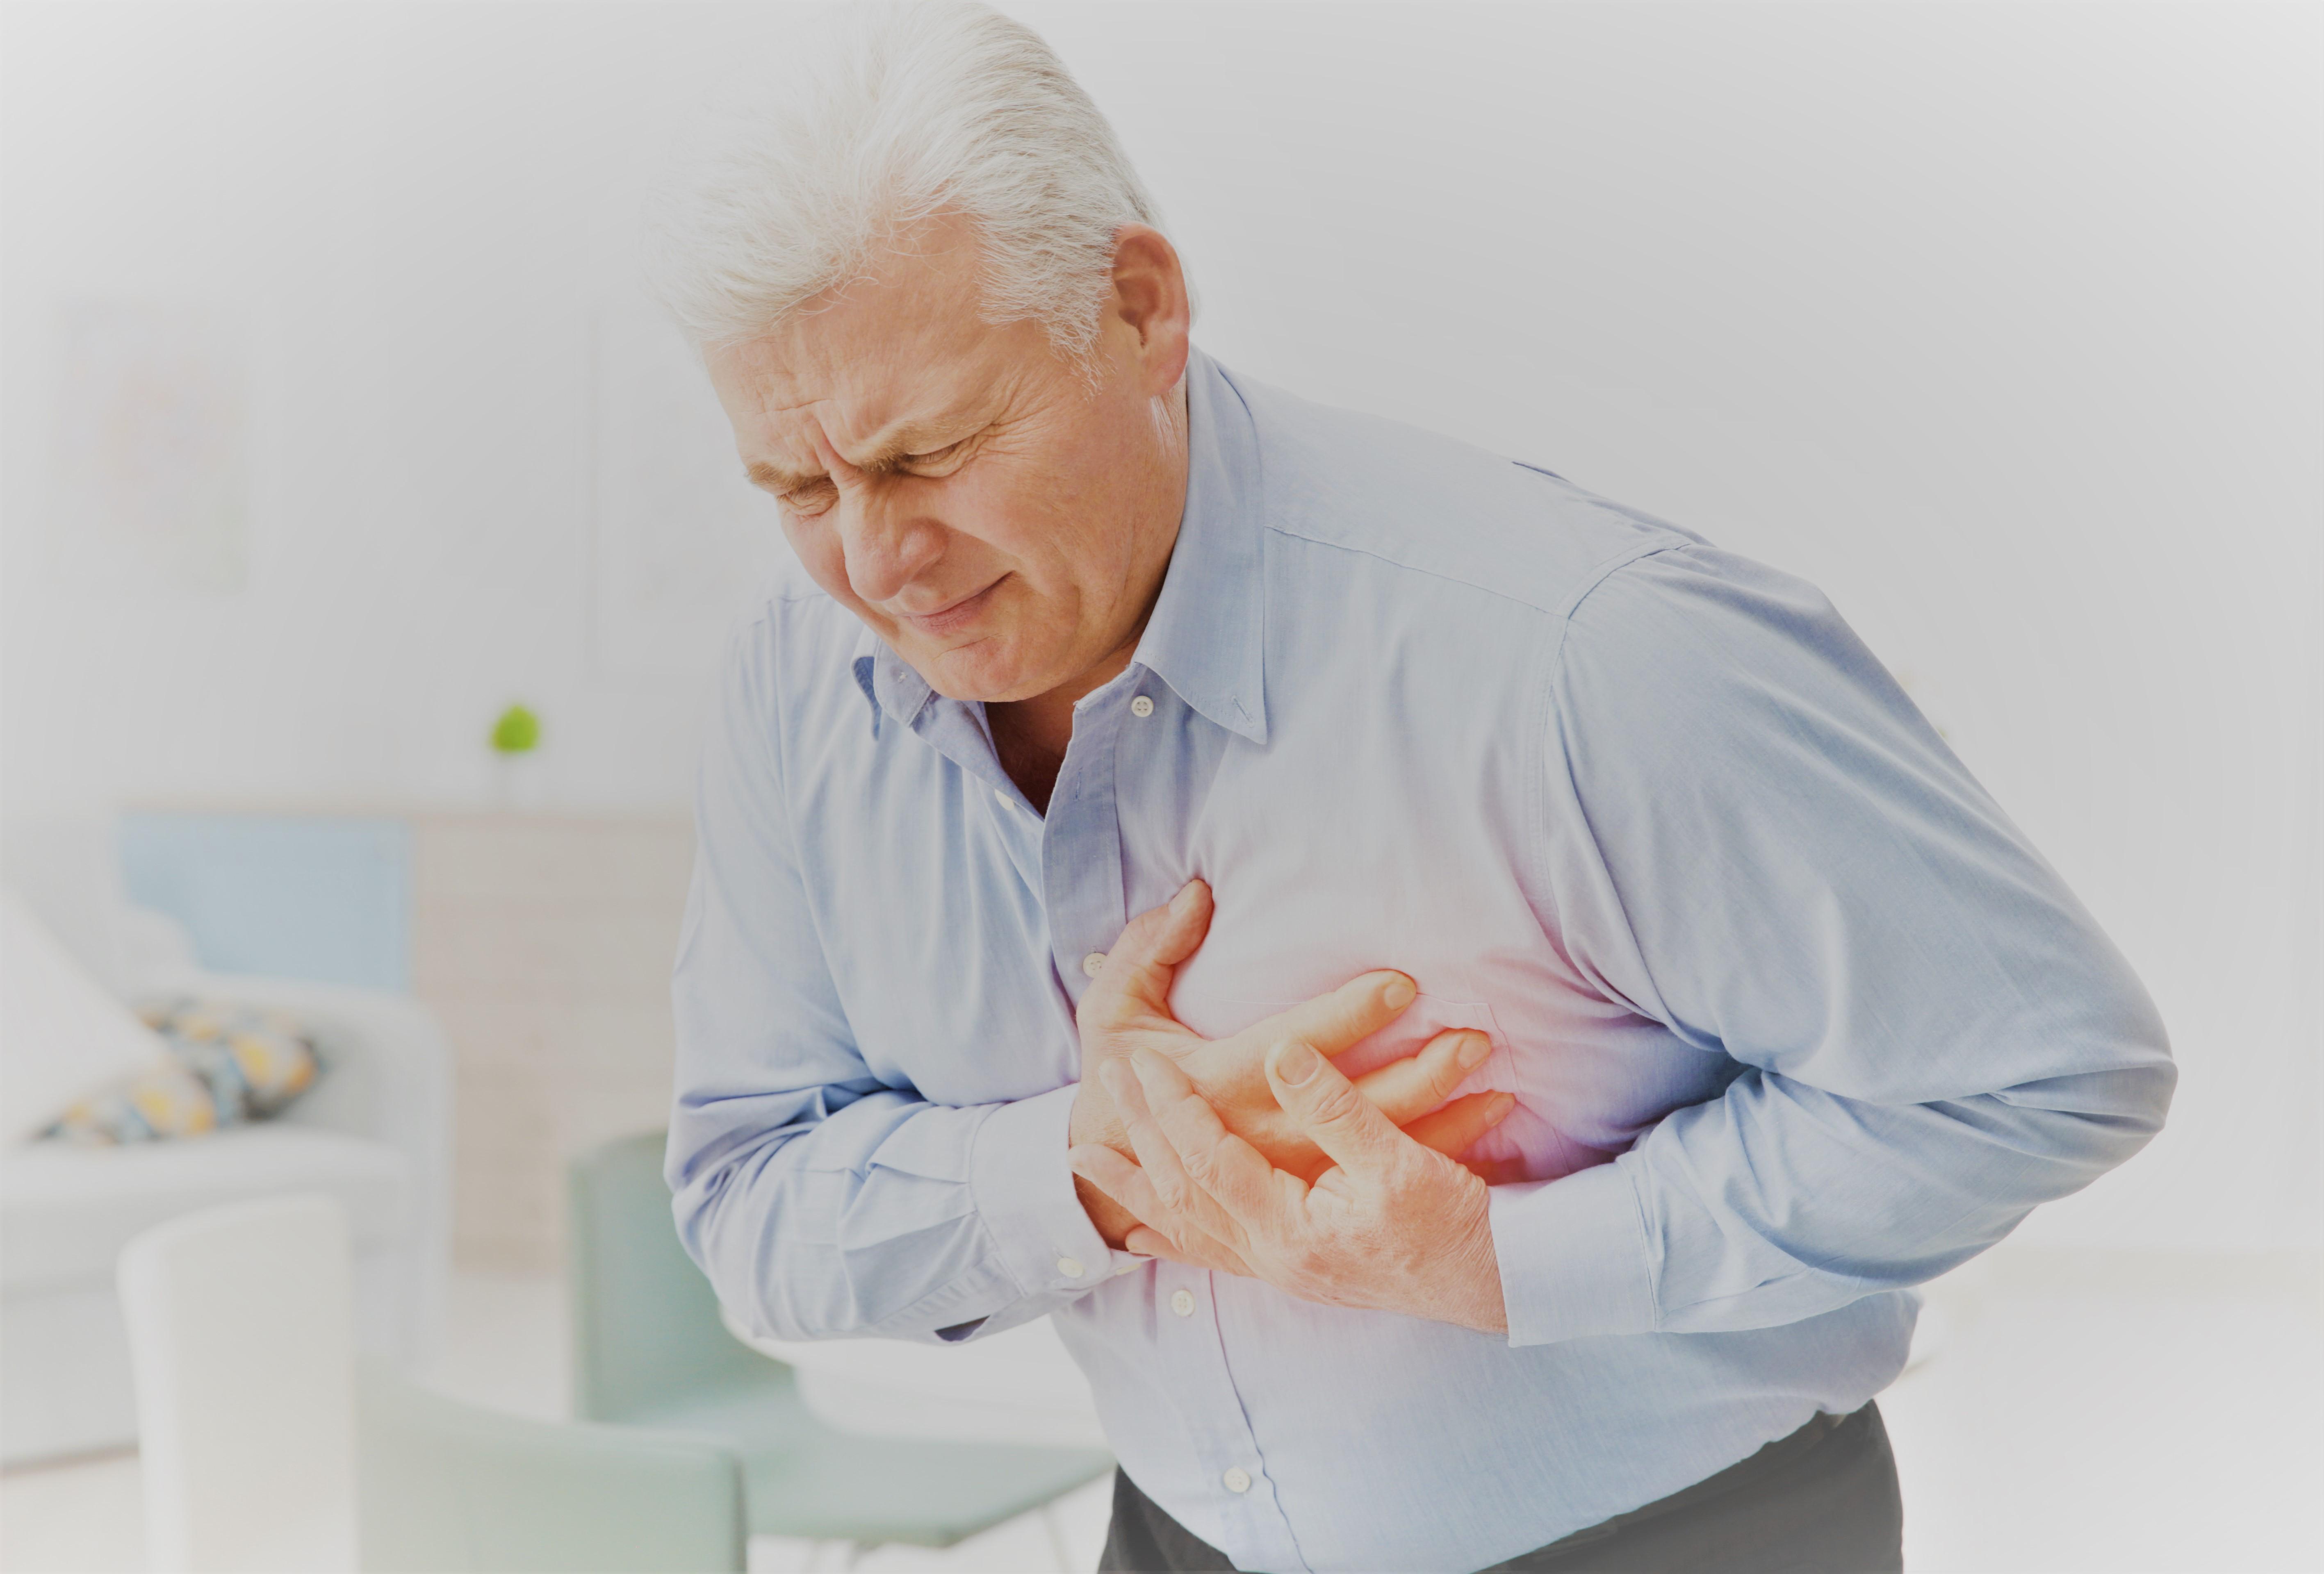 ujjízületi tünetek és kezelési áttekintések